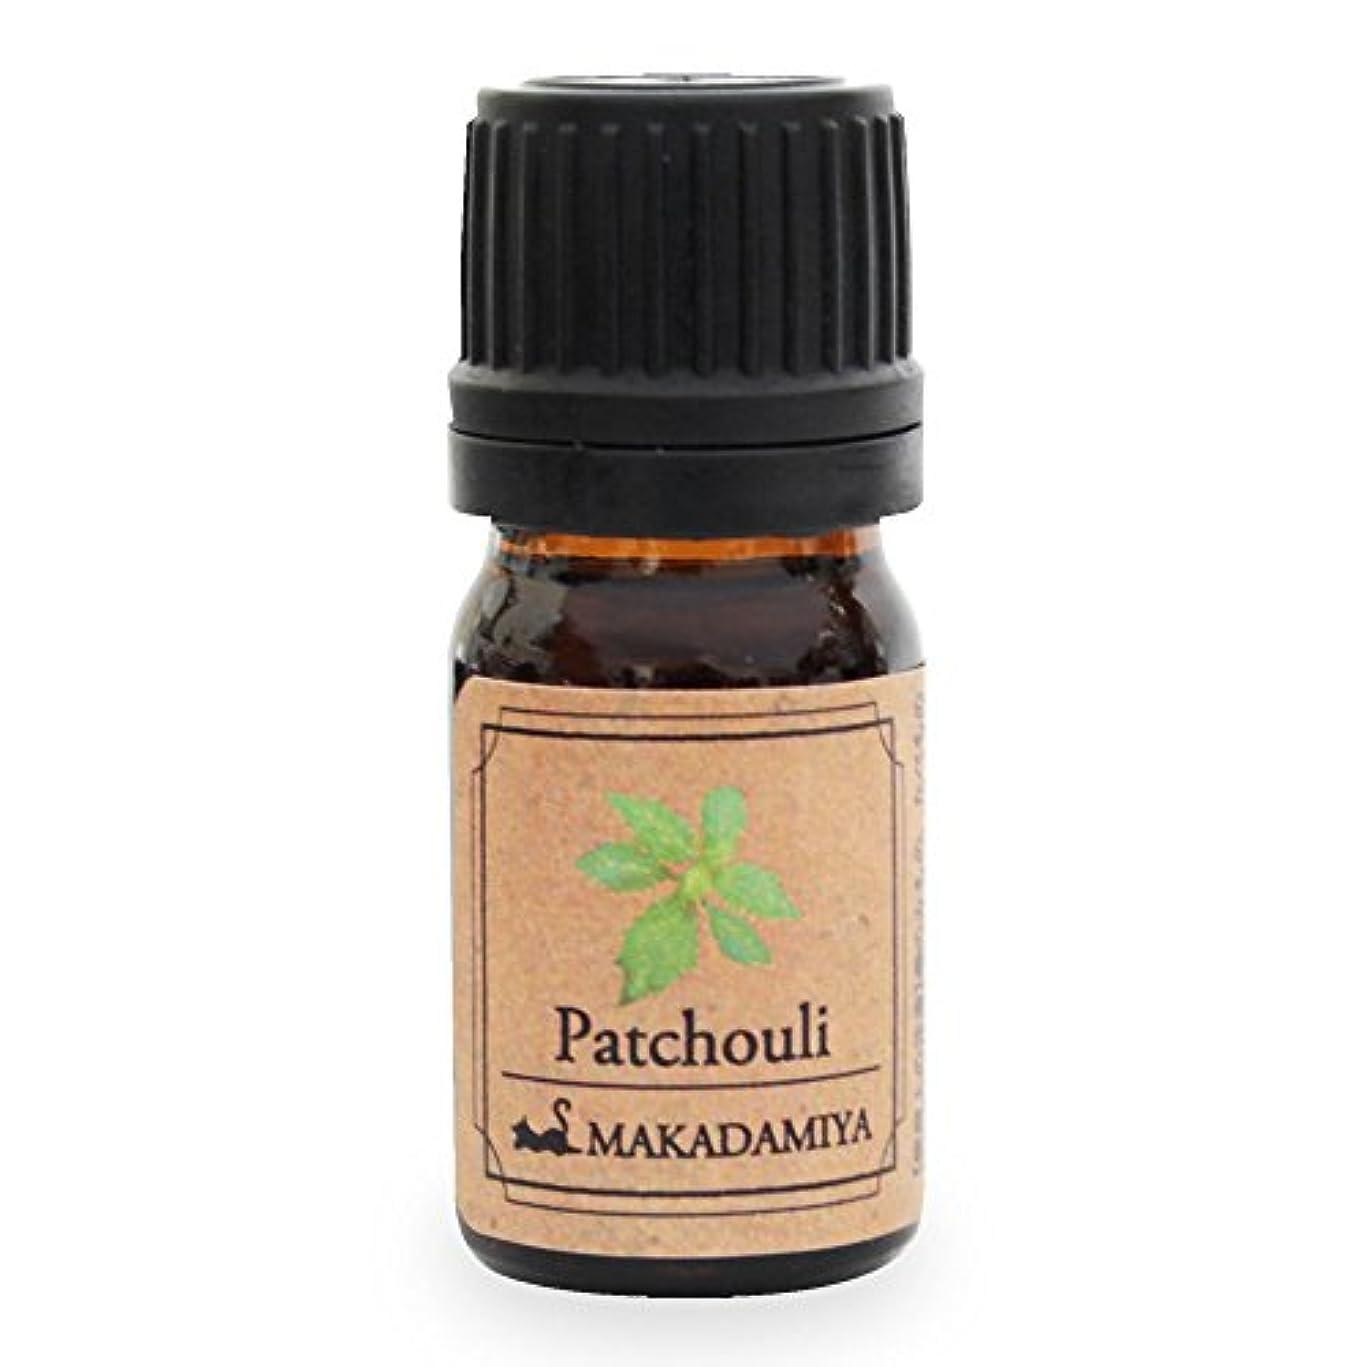 トラフィック汚れる教科書パチュリ5ml 天然100%植物性 エッセンシャルオイル(精油) アロマオイル アロママッサージ aroma Patchouli